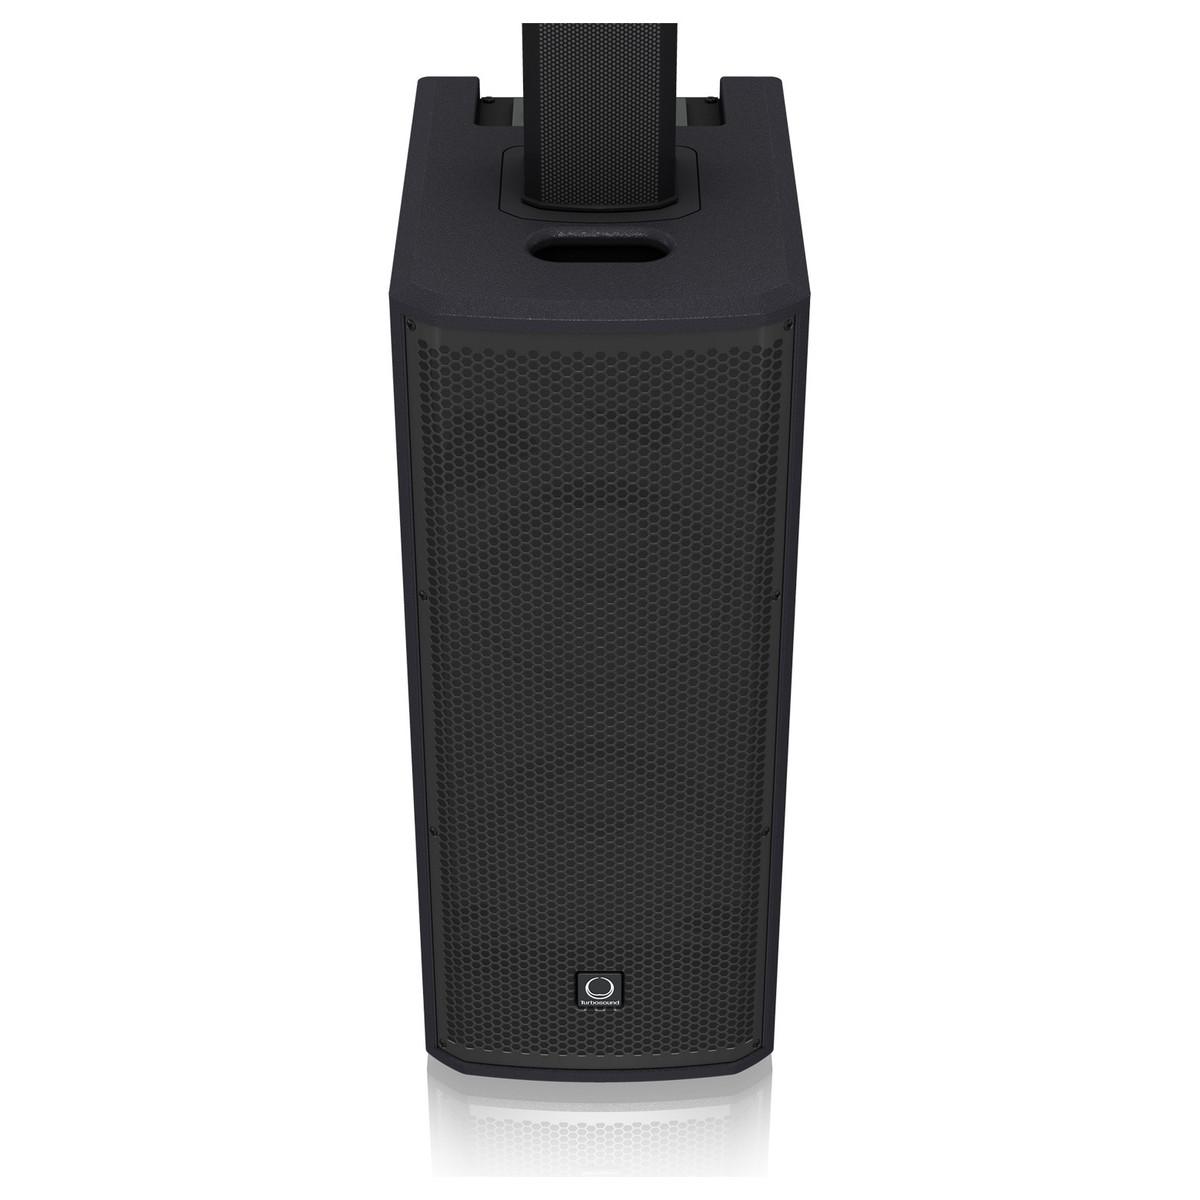 Turbosound Inspire Ip1000 : turbosound inspire ip1000 pa speaker b stock at gear4music ~ Russianpoet.info Haus und Dekorationen